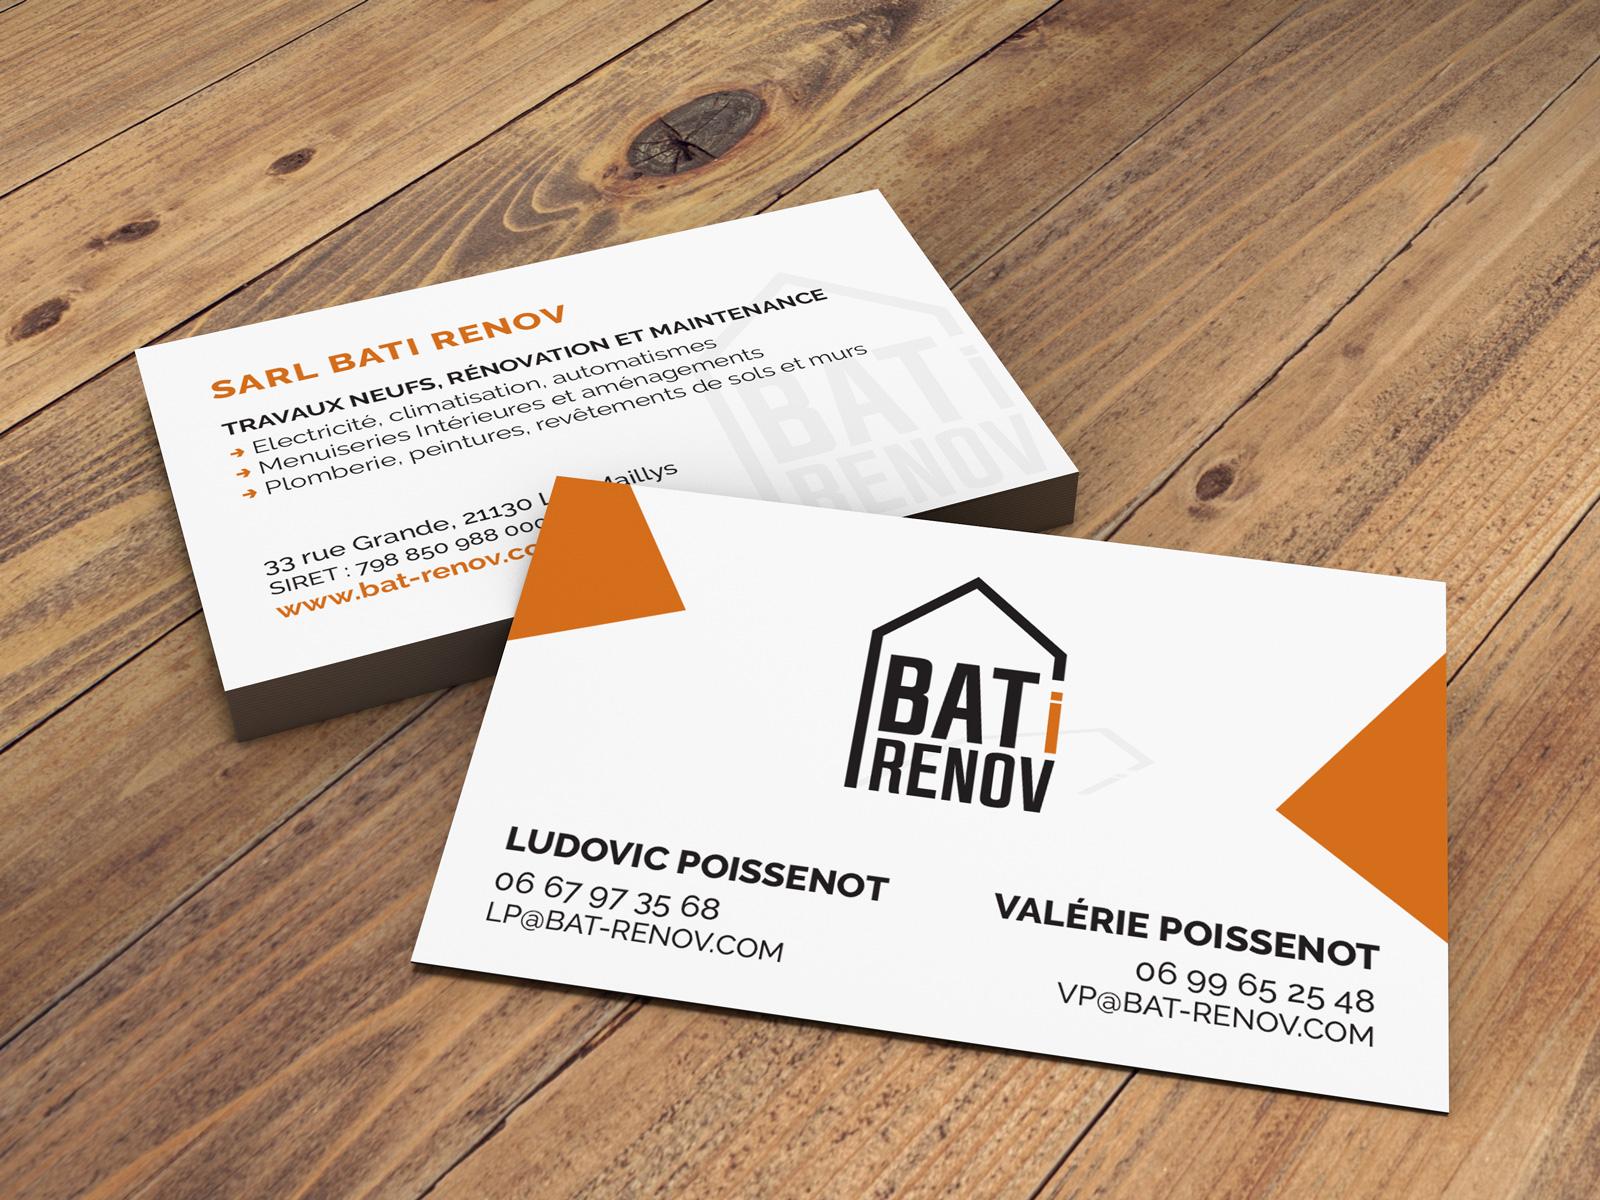 eclolink_agence_webmarketing_client_dijon_batirenov_carte-de-visite